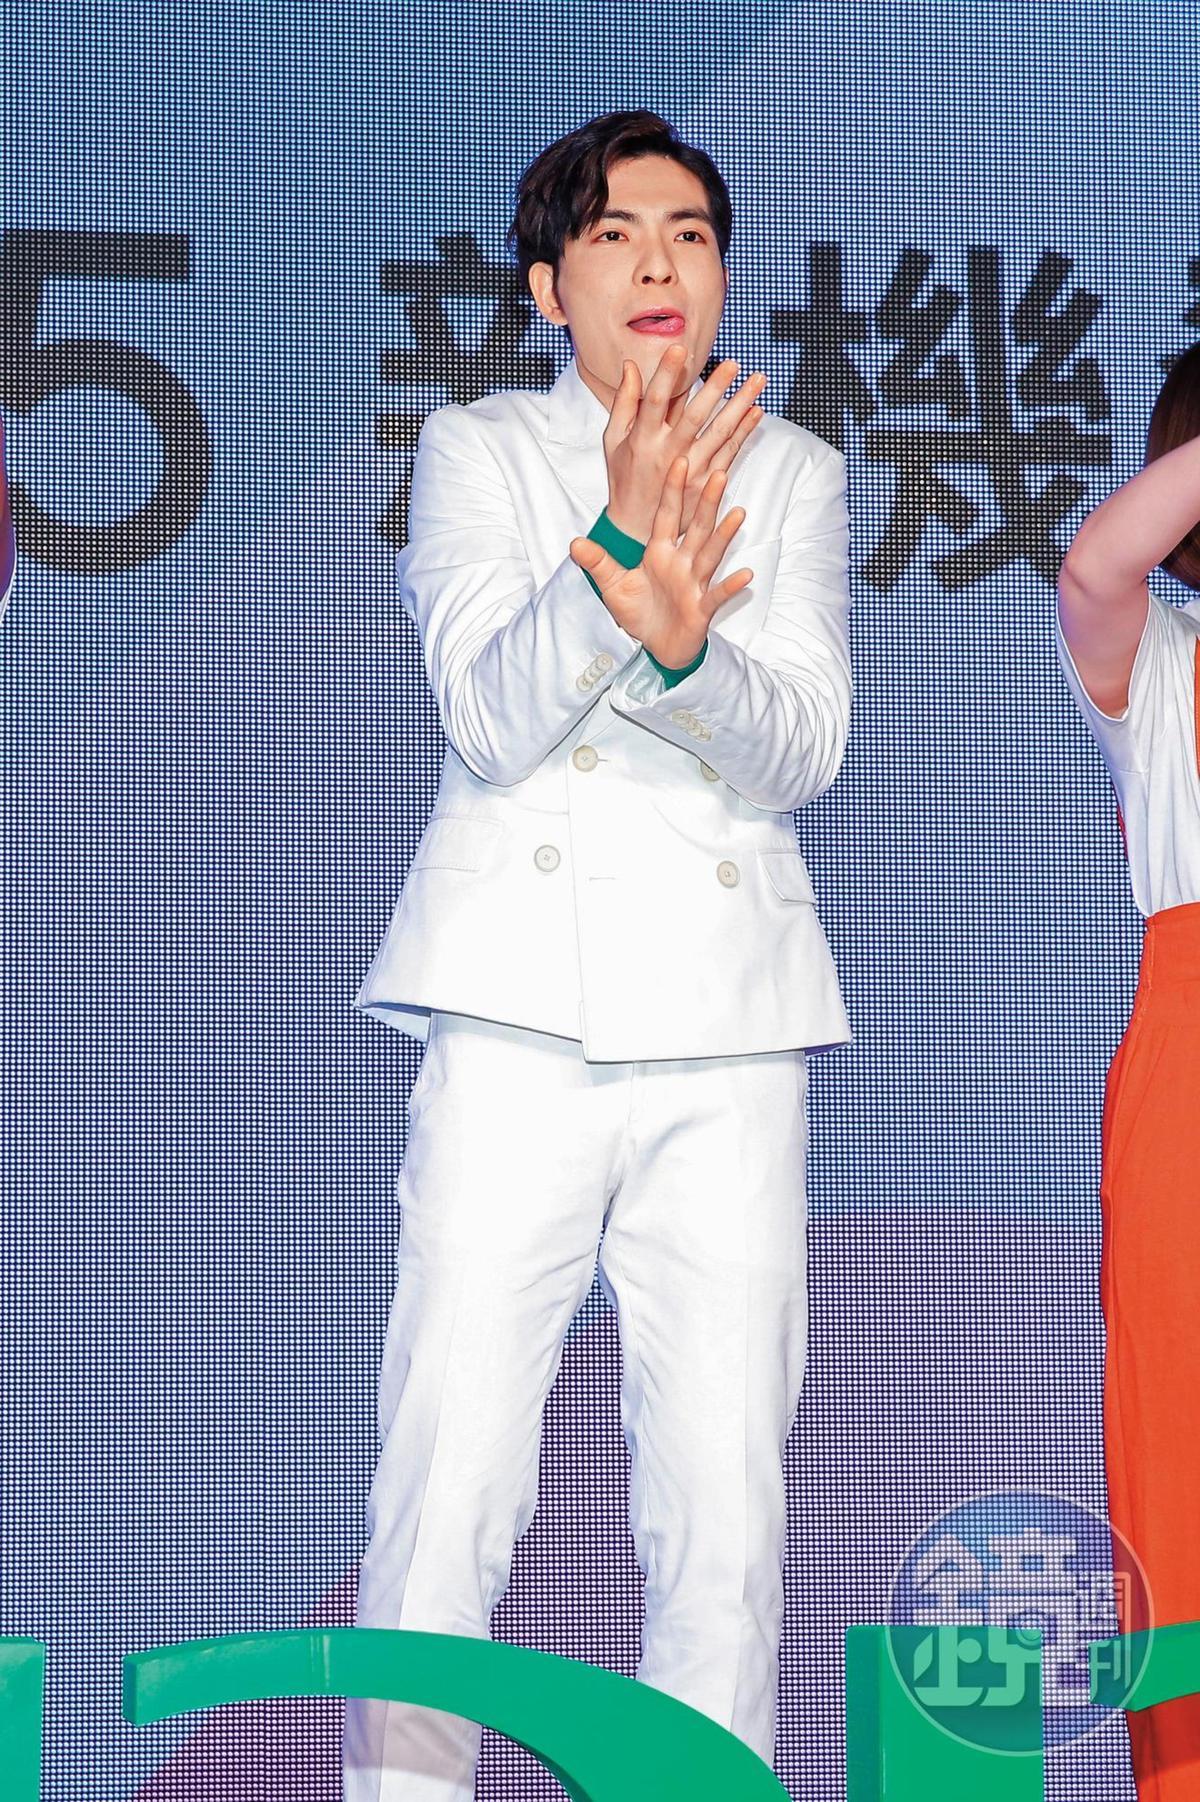 出席廠牌活動,蕭敬騰吐舌,雙手微微交叉,這個動作感覺也可嚴防走光。